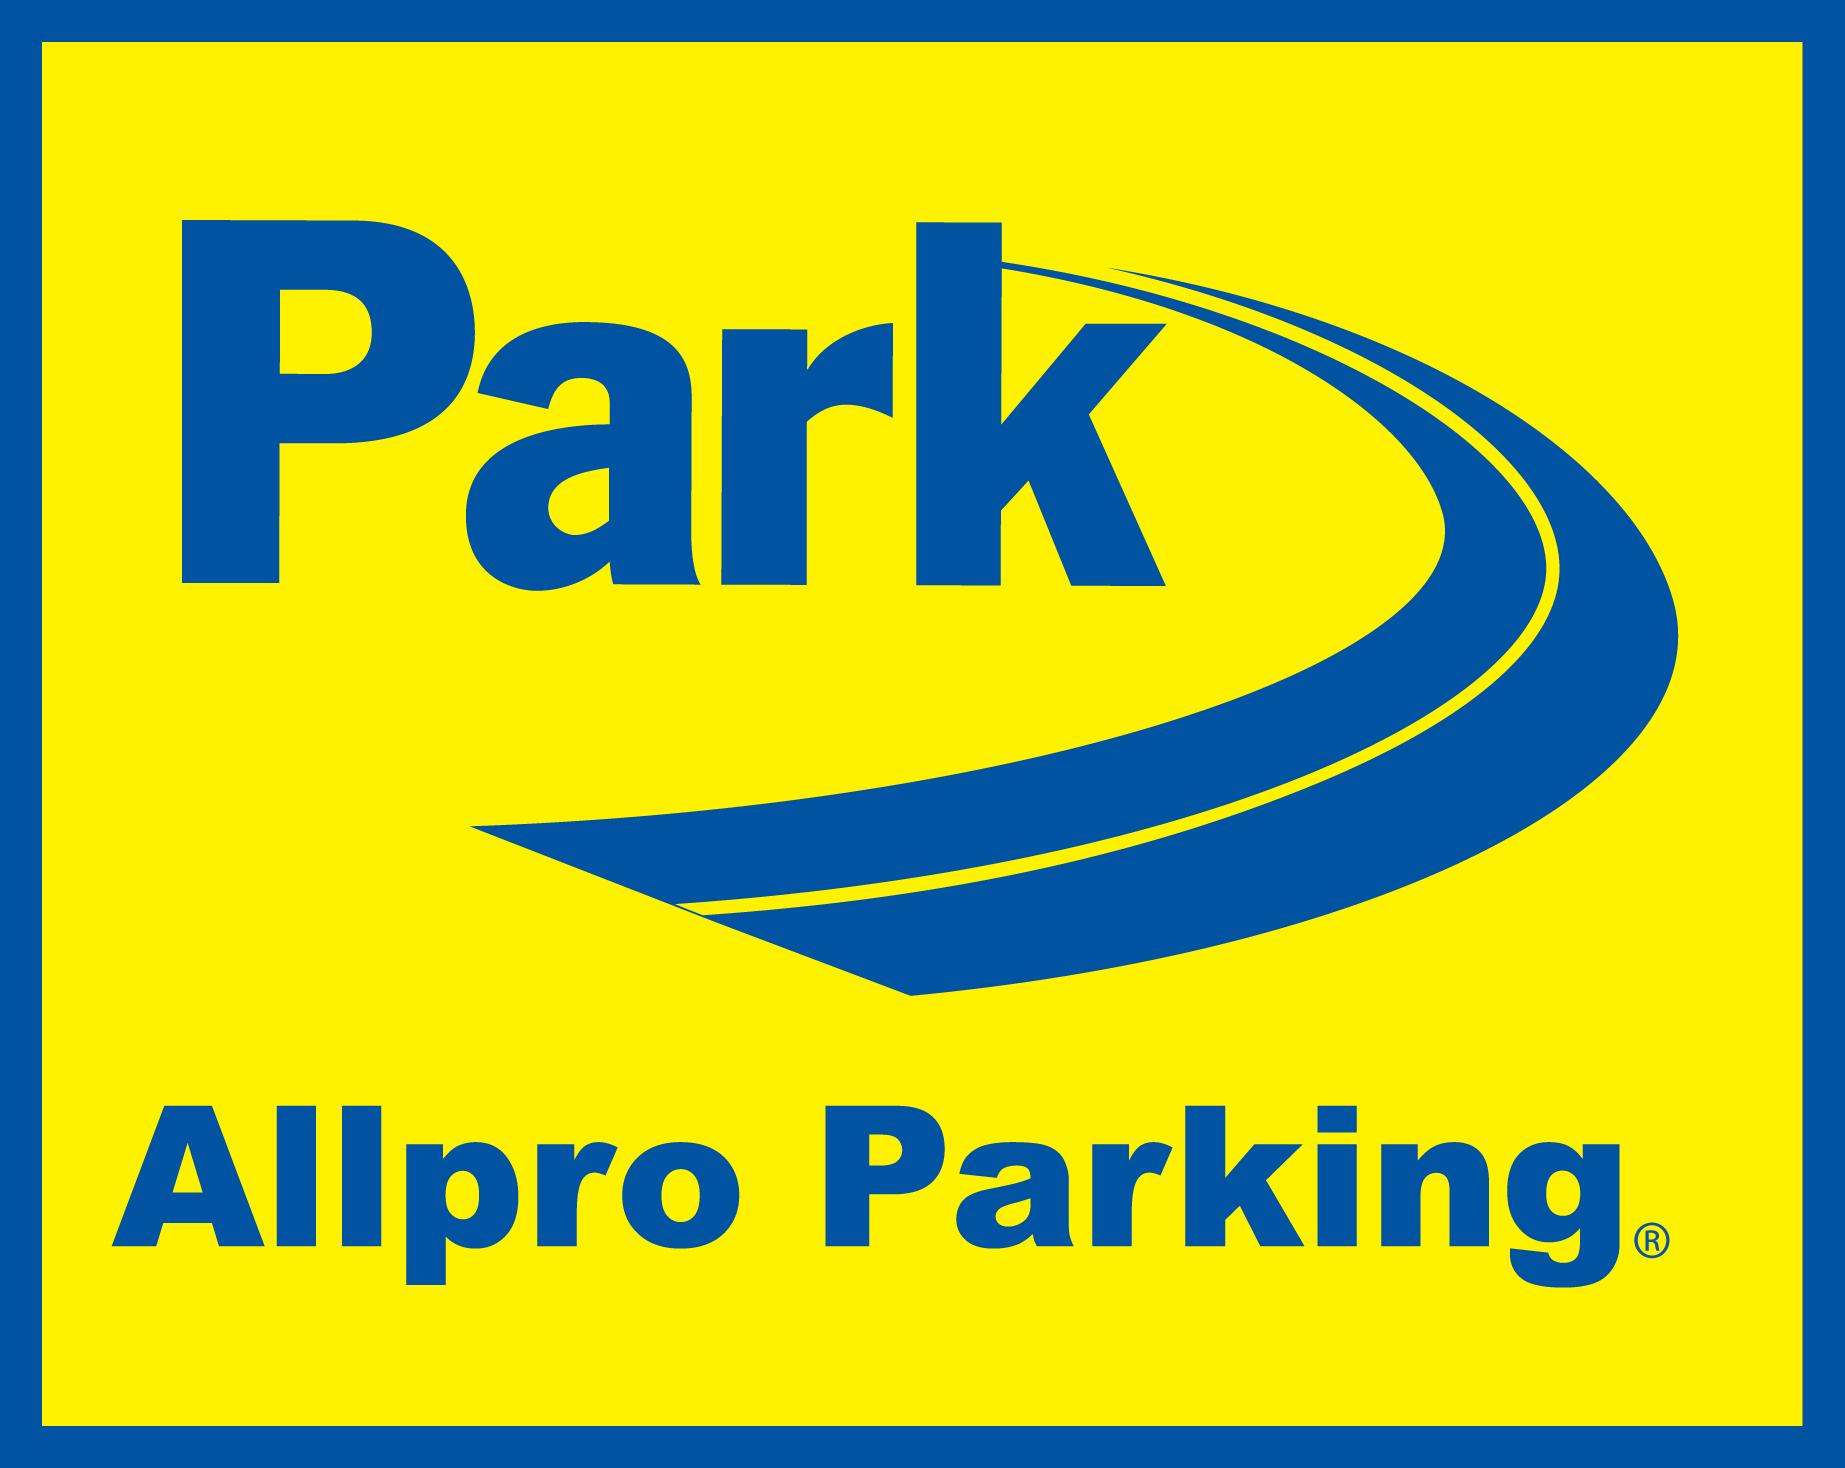 bnsme-allpro-parking